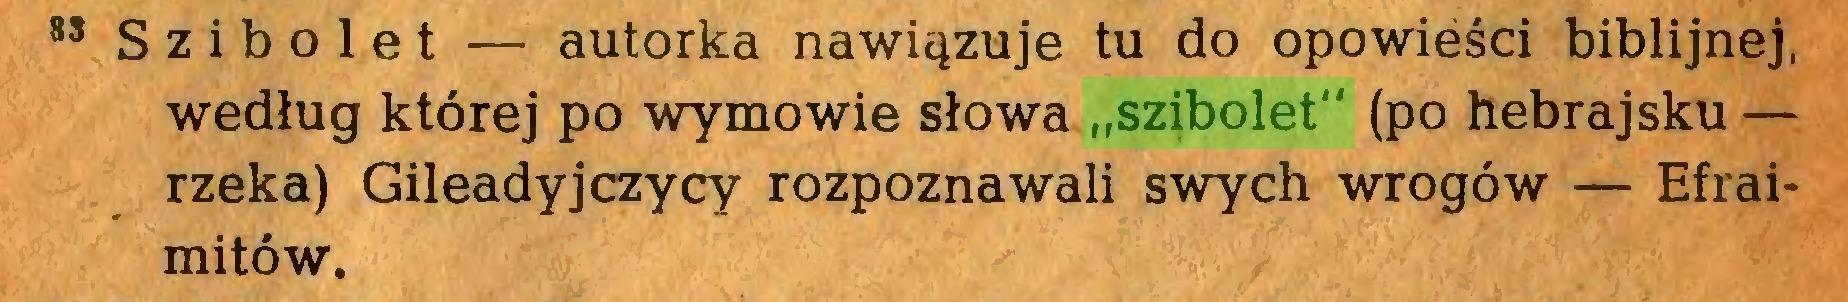 """(...) 88 Szibolet — autorka nawiązuje tu do opowieści biblijnej, według której po wymowie słowa """"szibolet"""" (po hebrajsku — rzeka) Gileadyjczycy rozpoznawali swych wrogów — Efraimitów..."""